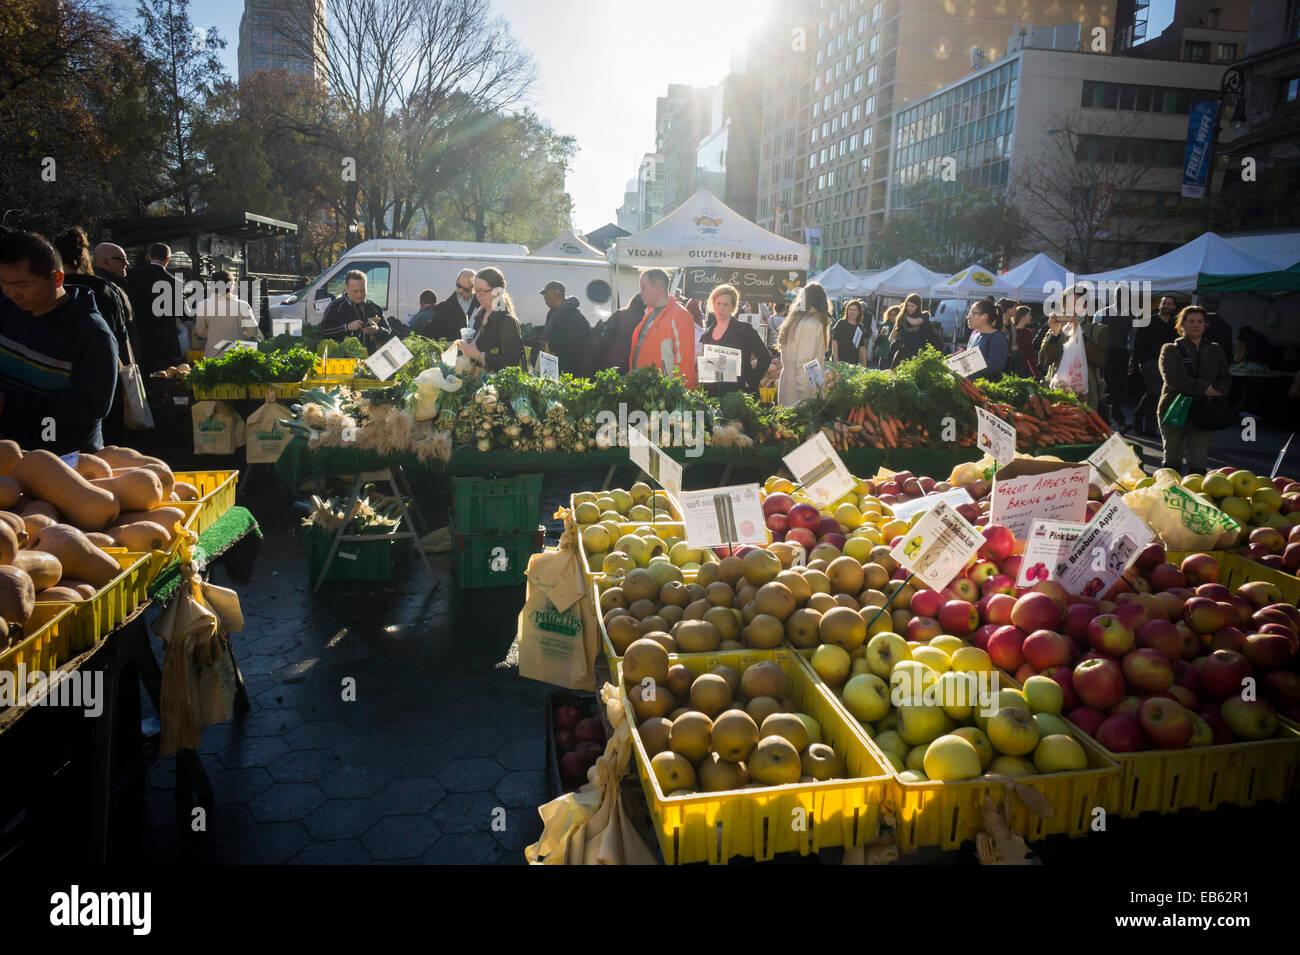 Los compradores de una granja stand en el Union Square Greenmarket en Nueva York el lunes, 24 de noviembre de 2014. Imagen De Stock